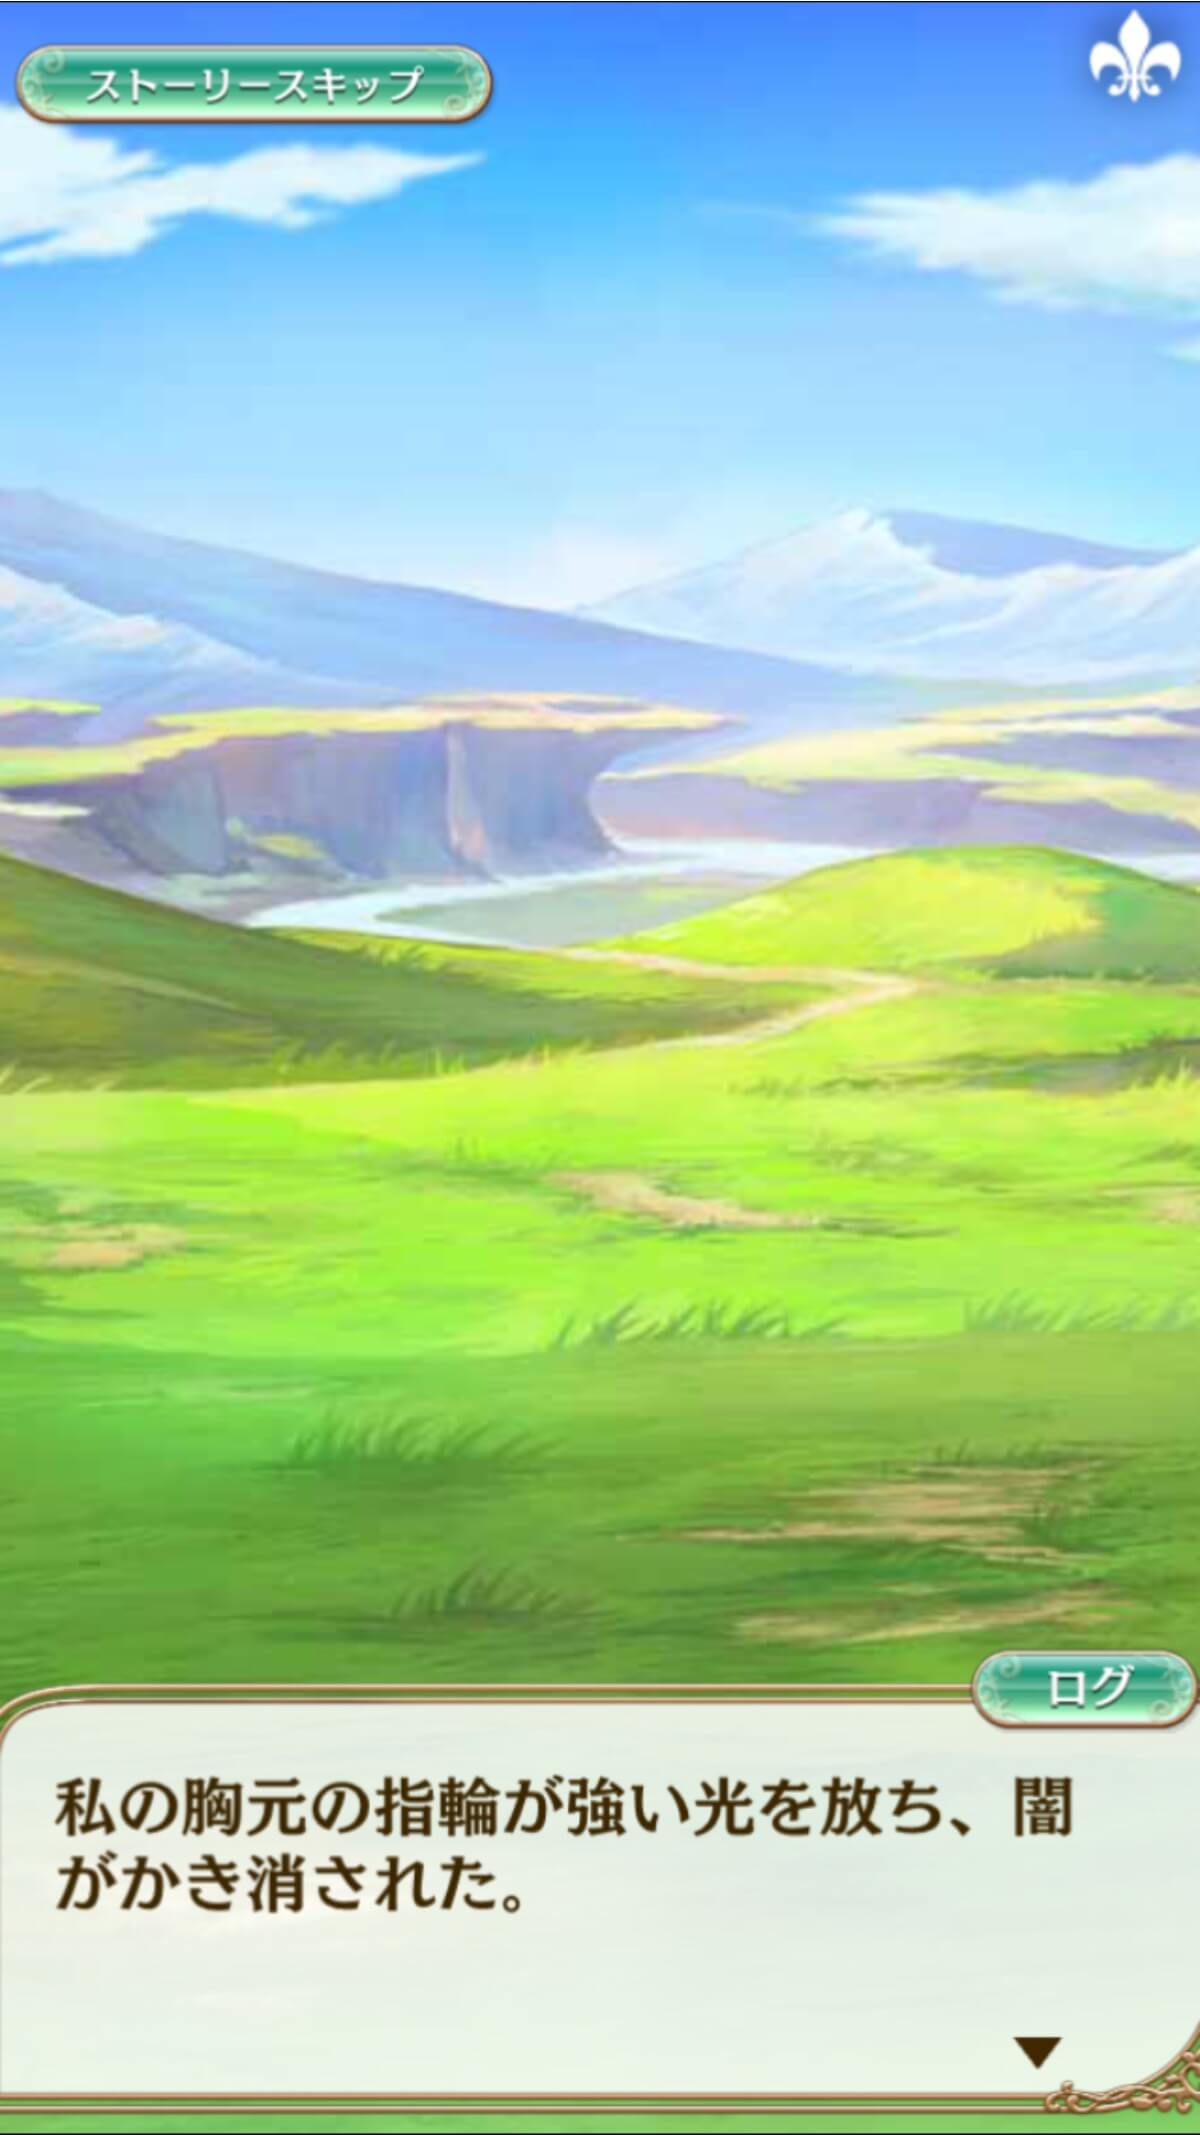 清々しい青空と活き活きとした草原が目の前に広がっています。